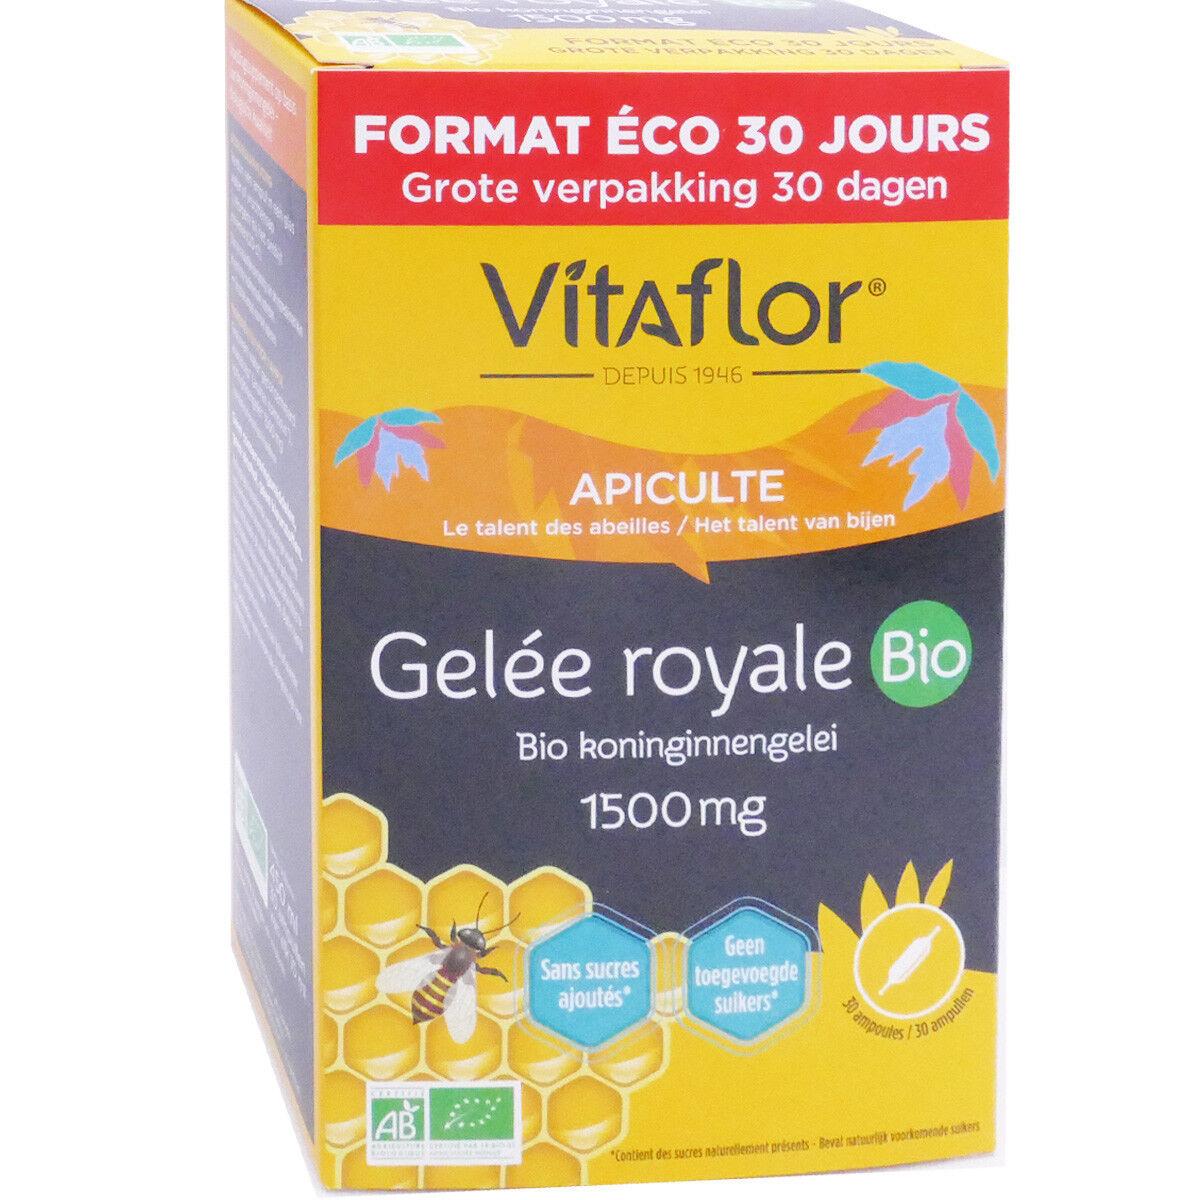 Vitaflor gelee royale bio 30 ampoules 1500mg